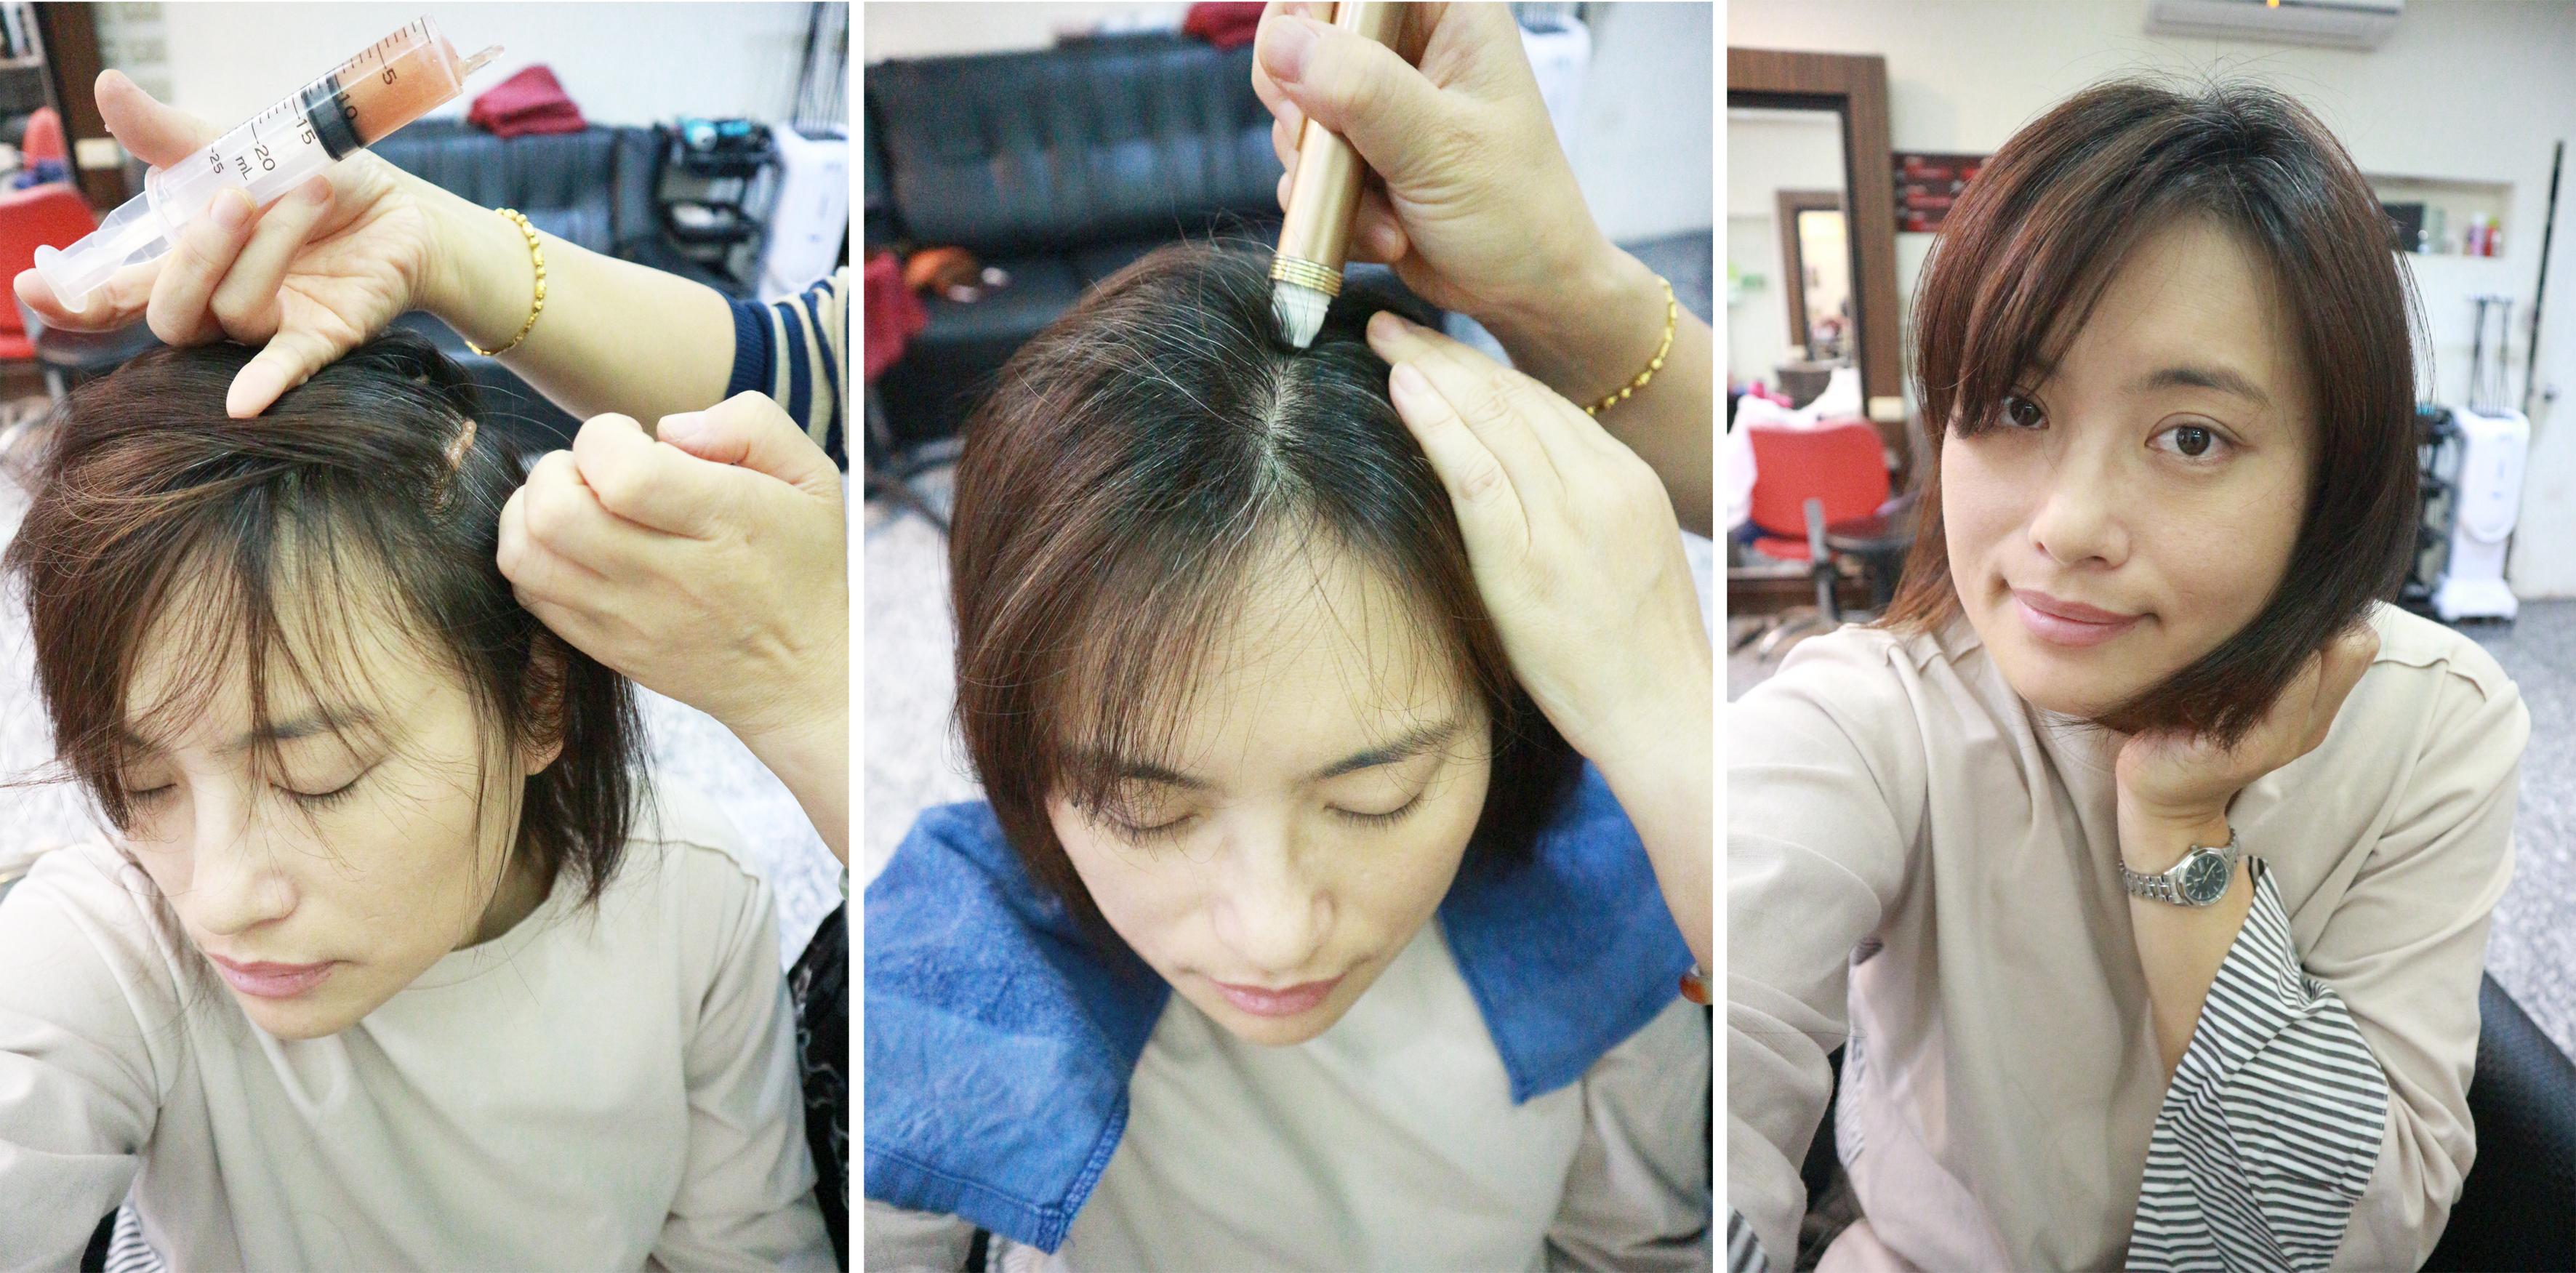 【桃園SPA美容分享】貝娜美容,頭皮按摩課程,打造秀髪的絕佳保養方式